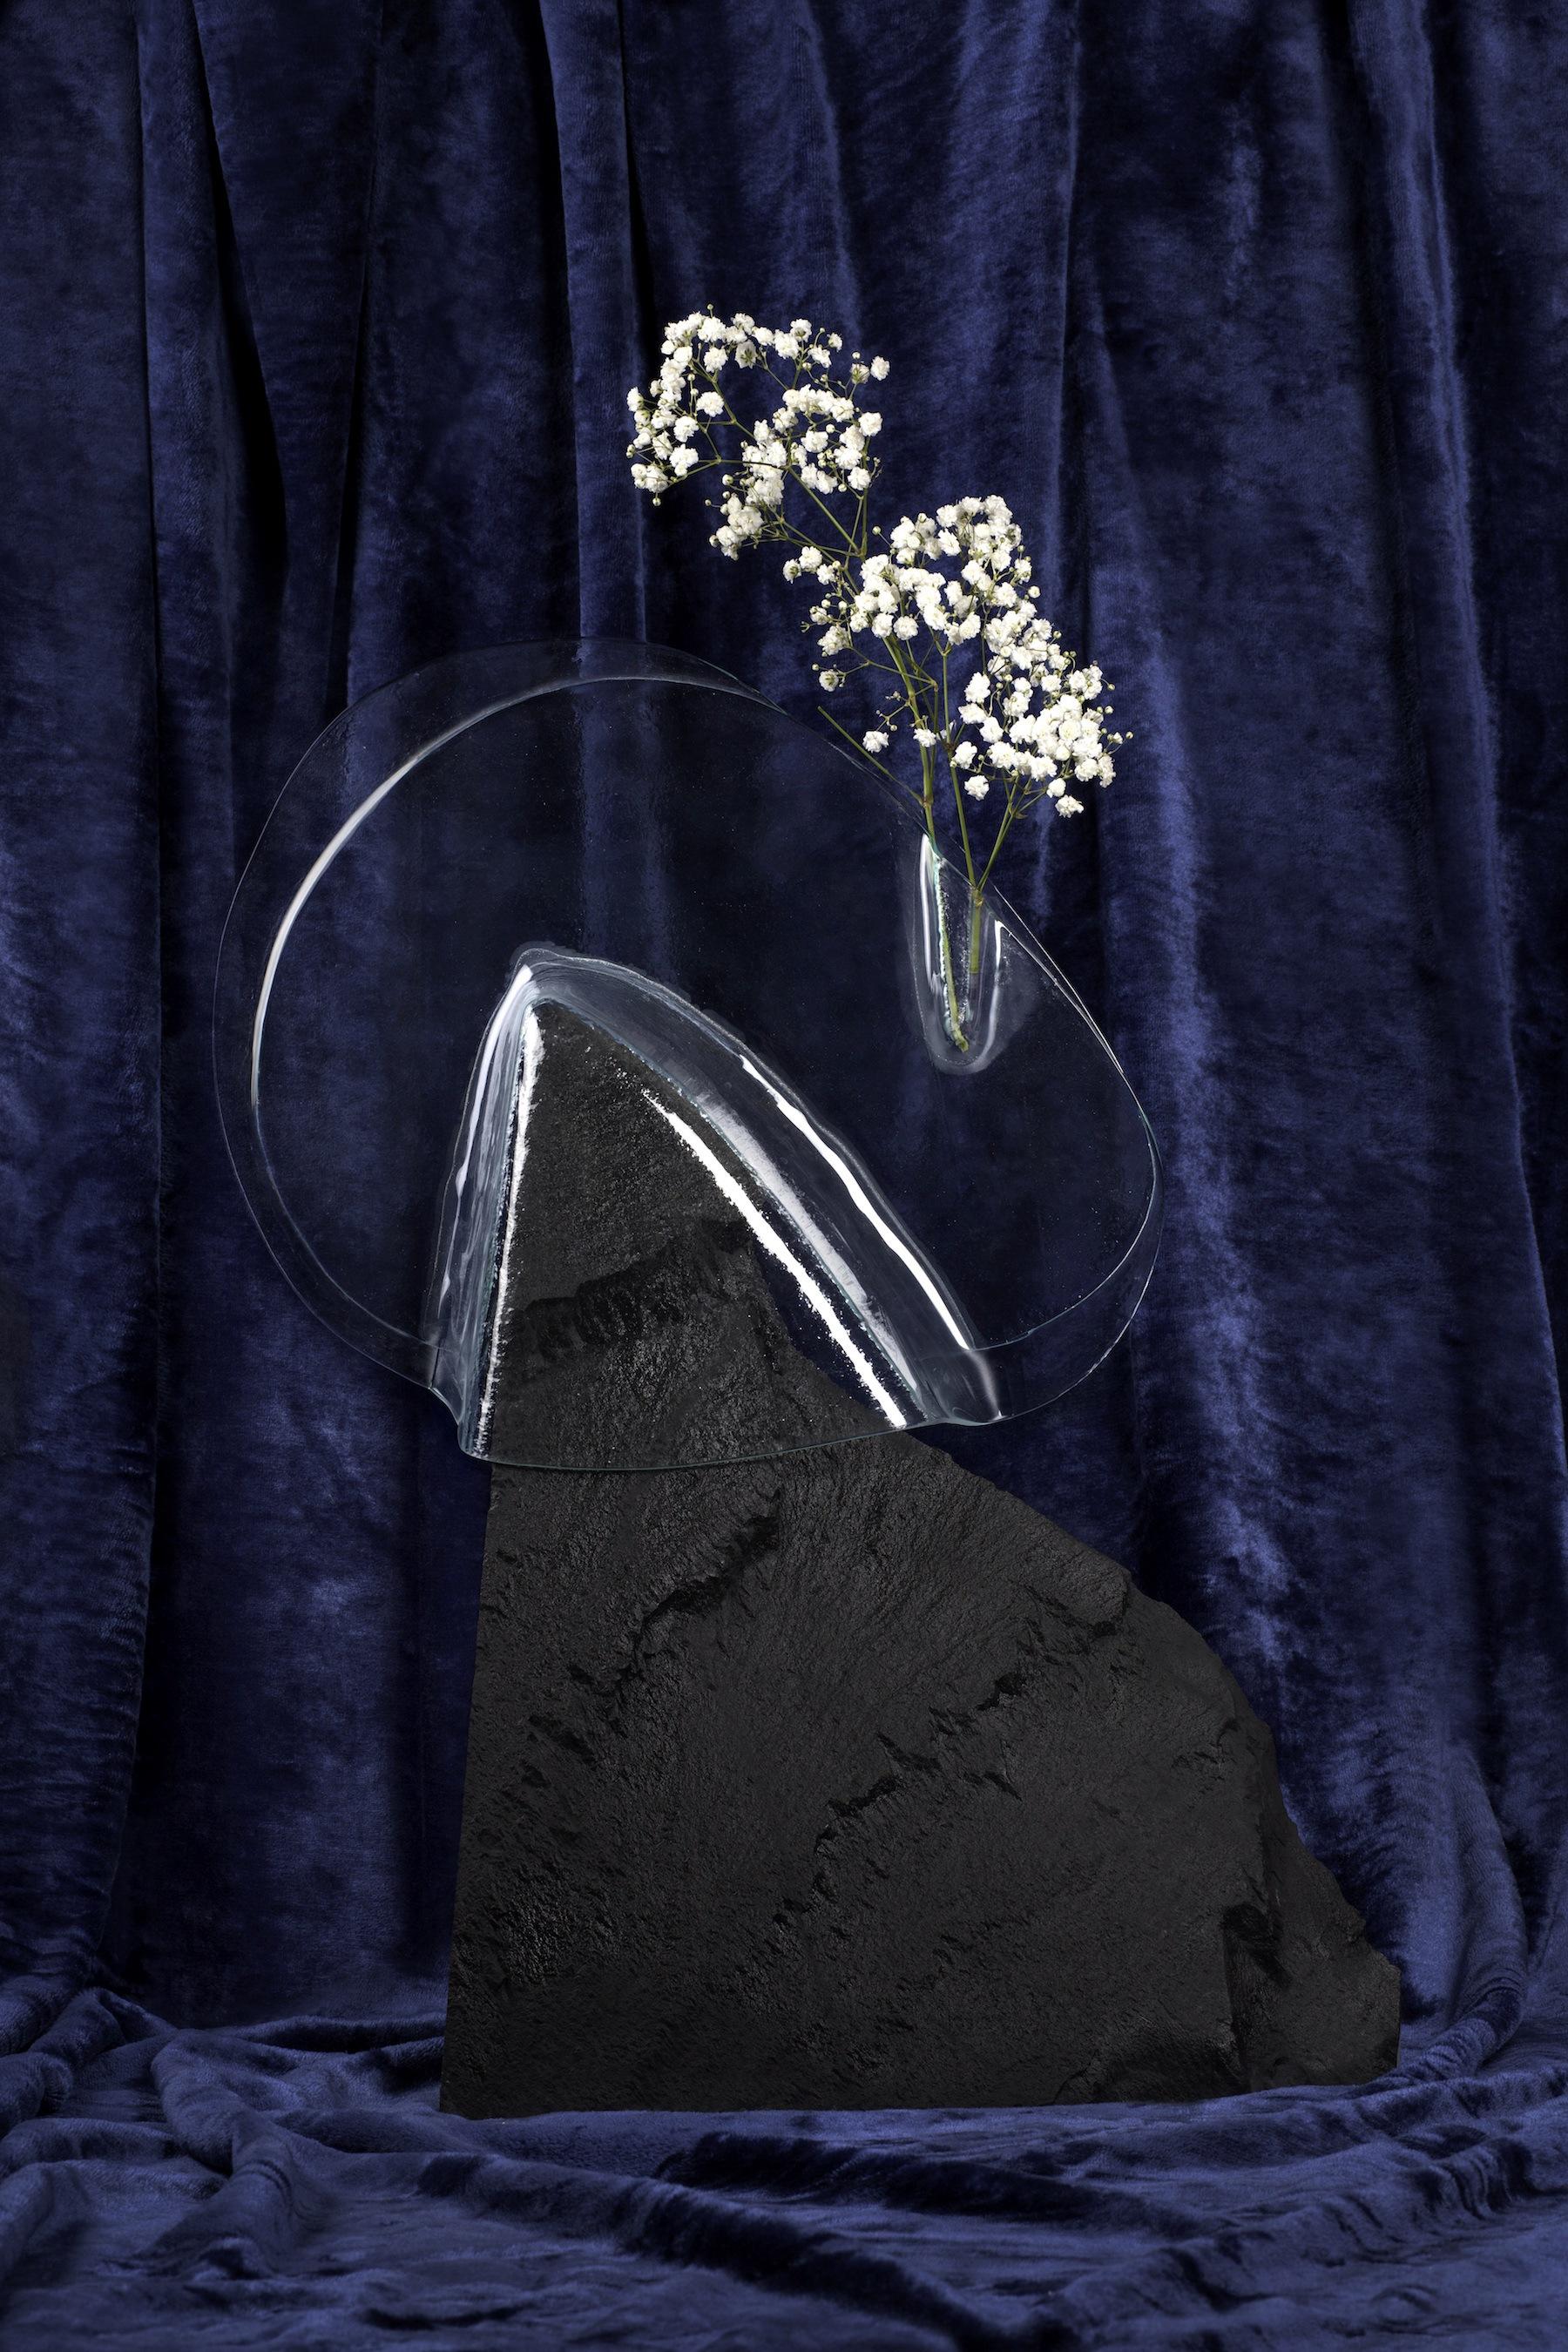 iGNANT-Design-Sara-Ricciardi-Vases-010